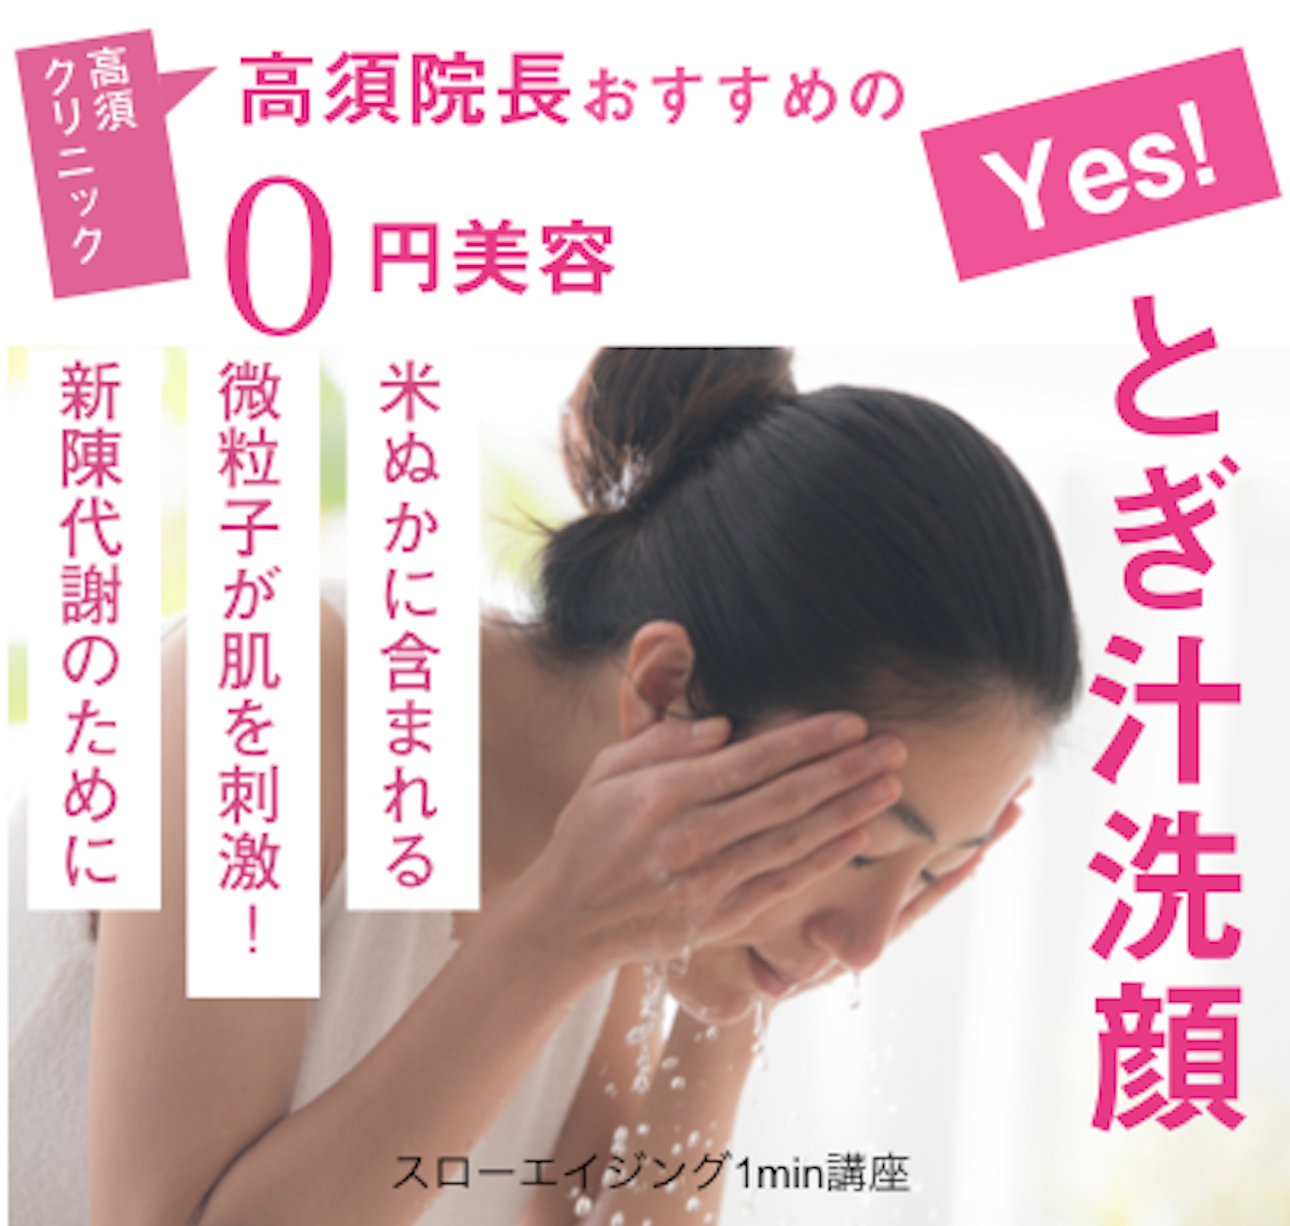 洗顔 とぎ汁